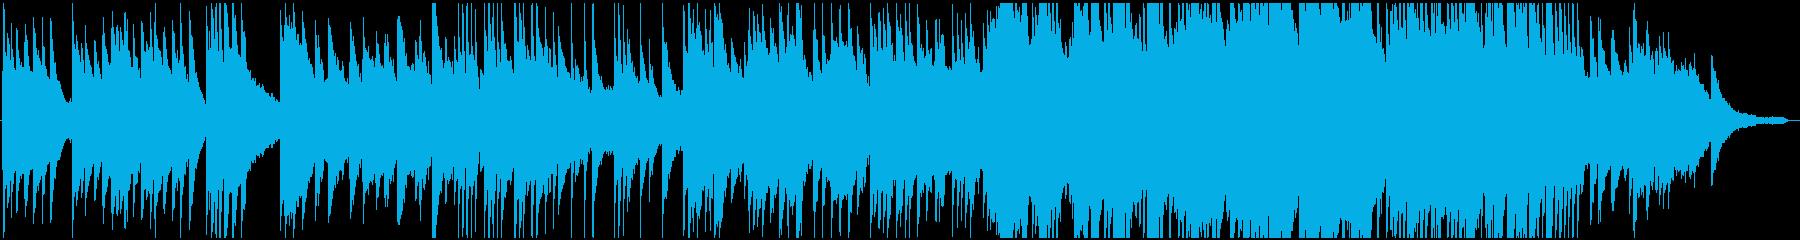 希望を感じる爽やかなピアノ曲♪の再生済みの波形